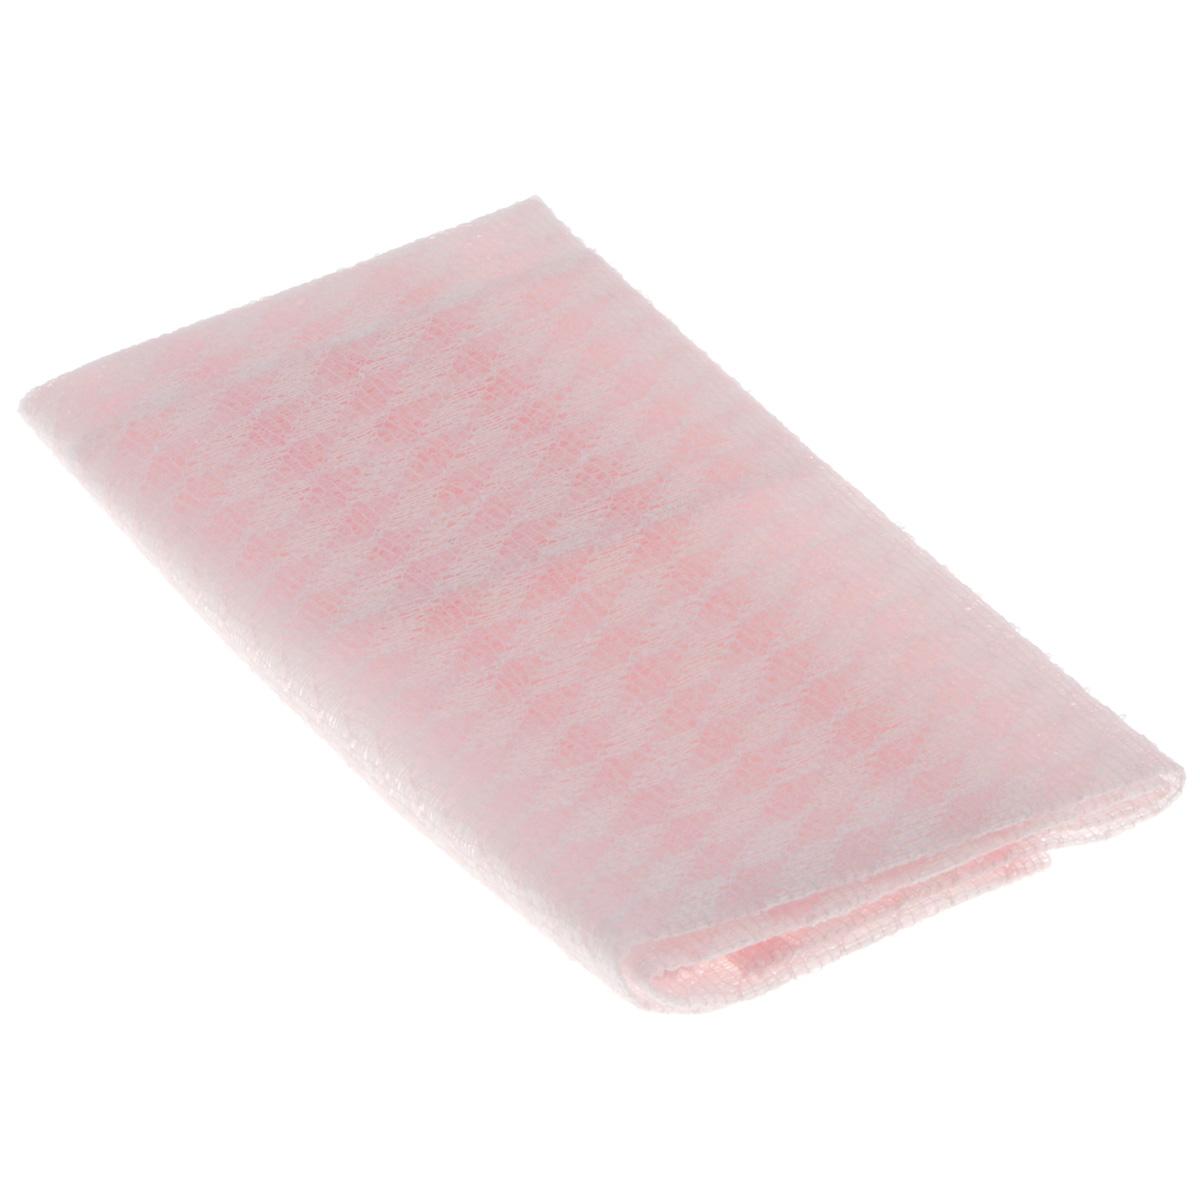 Мочалка для душа SungBo Clean&Beauty Dreams, цвет: розовый, 28 см х 90 смУТ000000669 розовыйМочалка SungBo Clean&Beauty Dreams прекрасно подойдет для ухода за вашей кожей во время принятия ванны и душа. Благодаря оригинальной вязке из гофрированного волокна мочалка создает одновременно как ощущение мягкости, так и ощущение пилинга, нежно отшелушивая огрубевшую кожу. Шероховатая текстура мочалки стимулирует циркуляцию крови по всему телу и помогает сохранить здоровье и упругость кожи. Мочалка позволяет получить обильную пену, используя небольшое количество геля для душа.